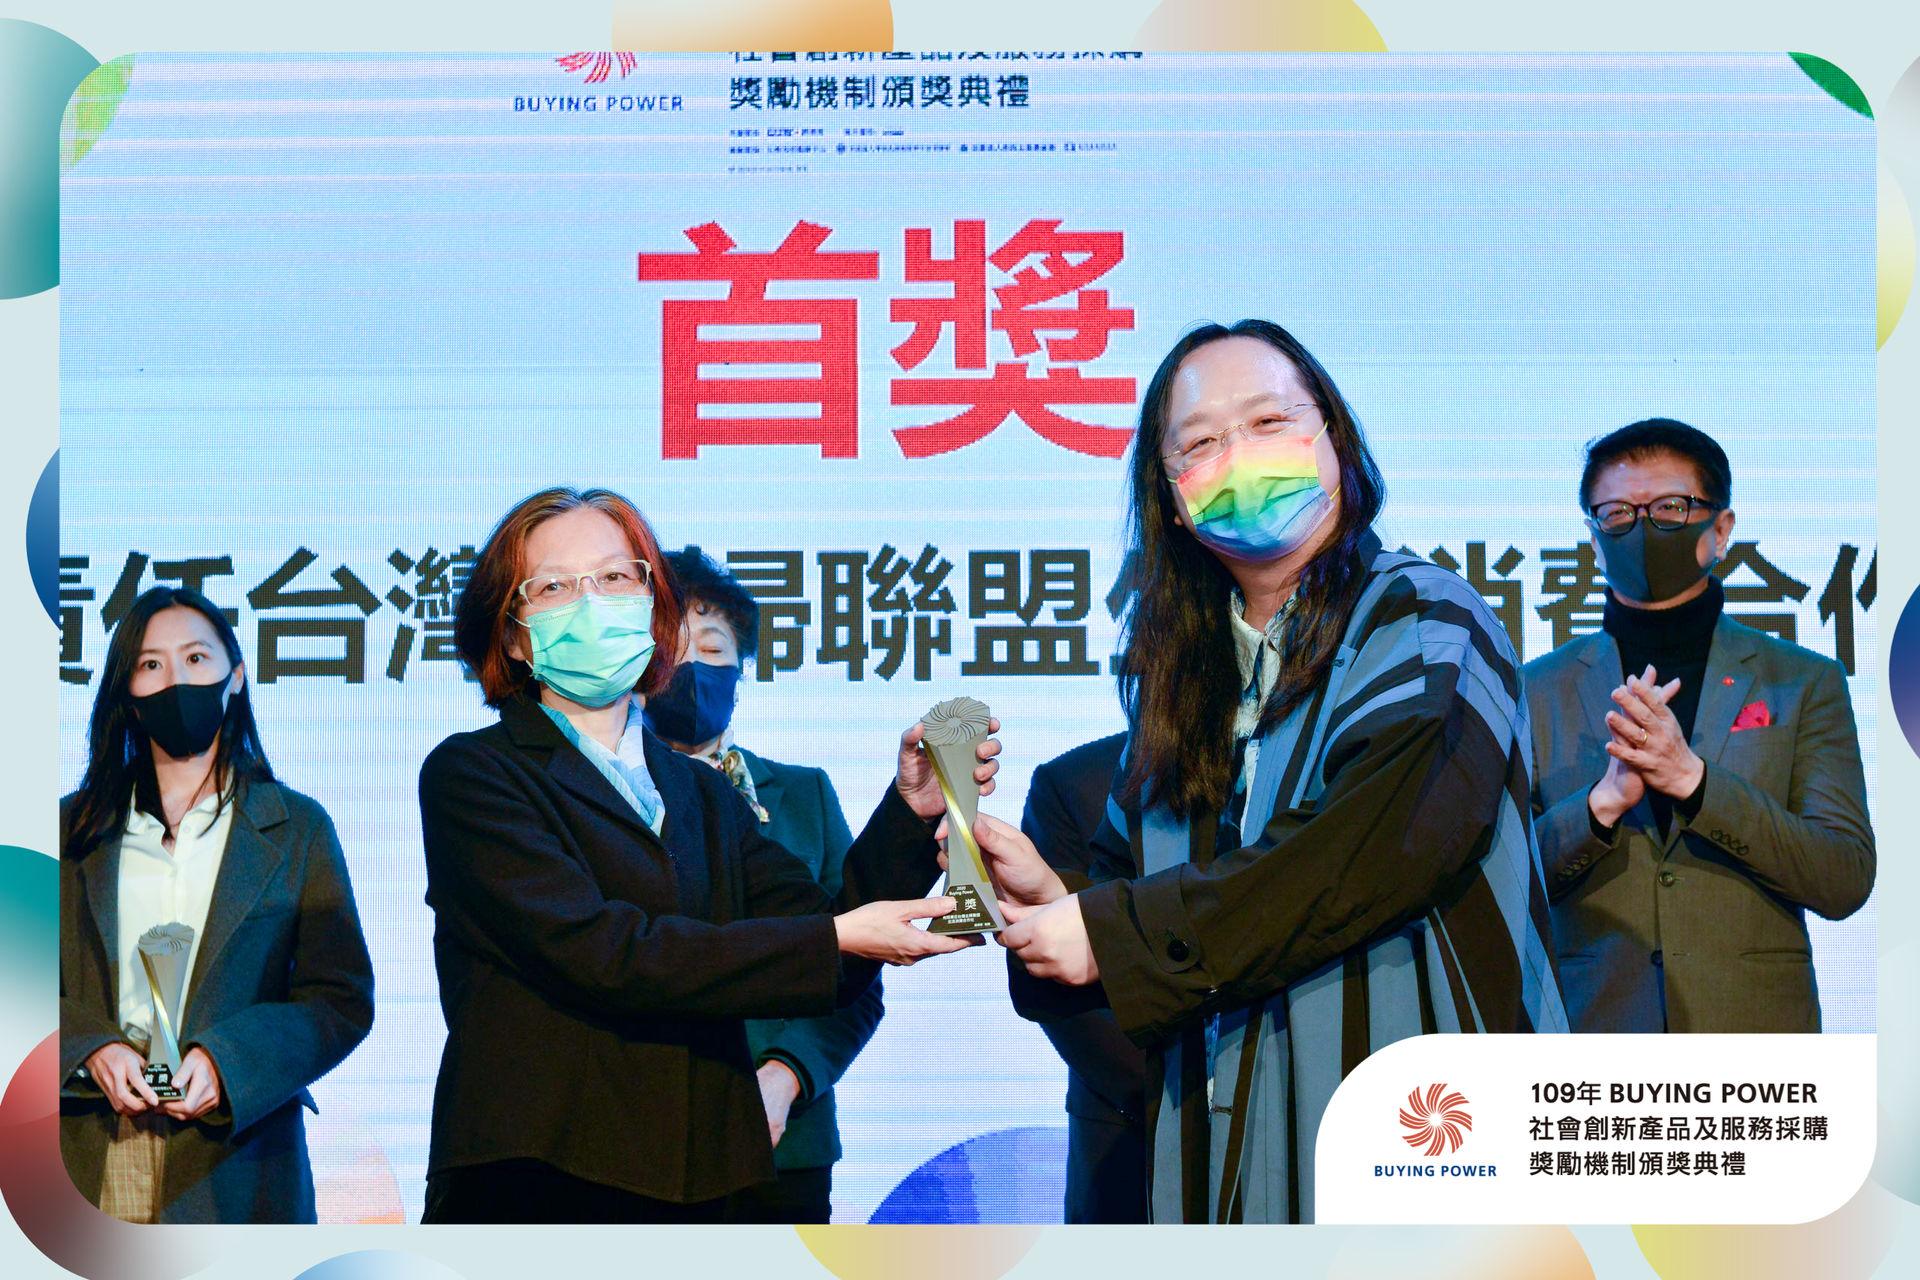 台灣主婦聯盟生活消費合作社 減塑再生循環經濟產品 獲BUYING POWER首獎與特別獎